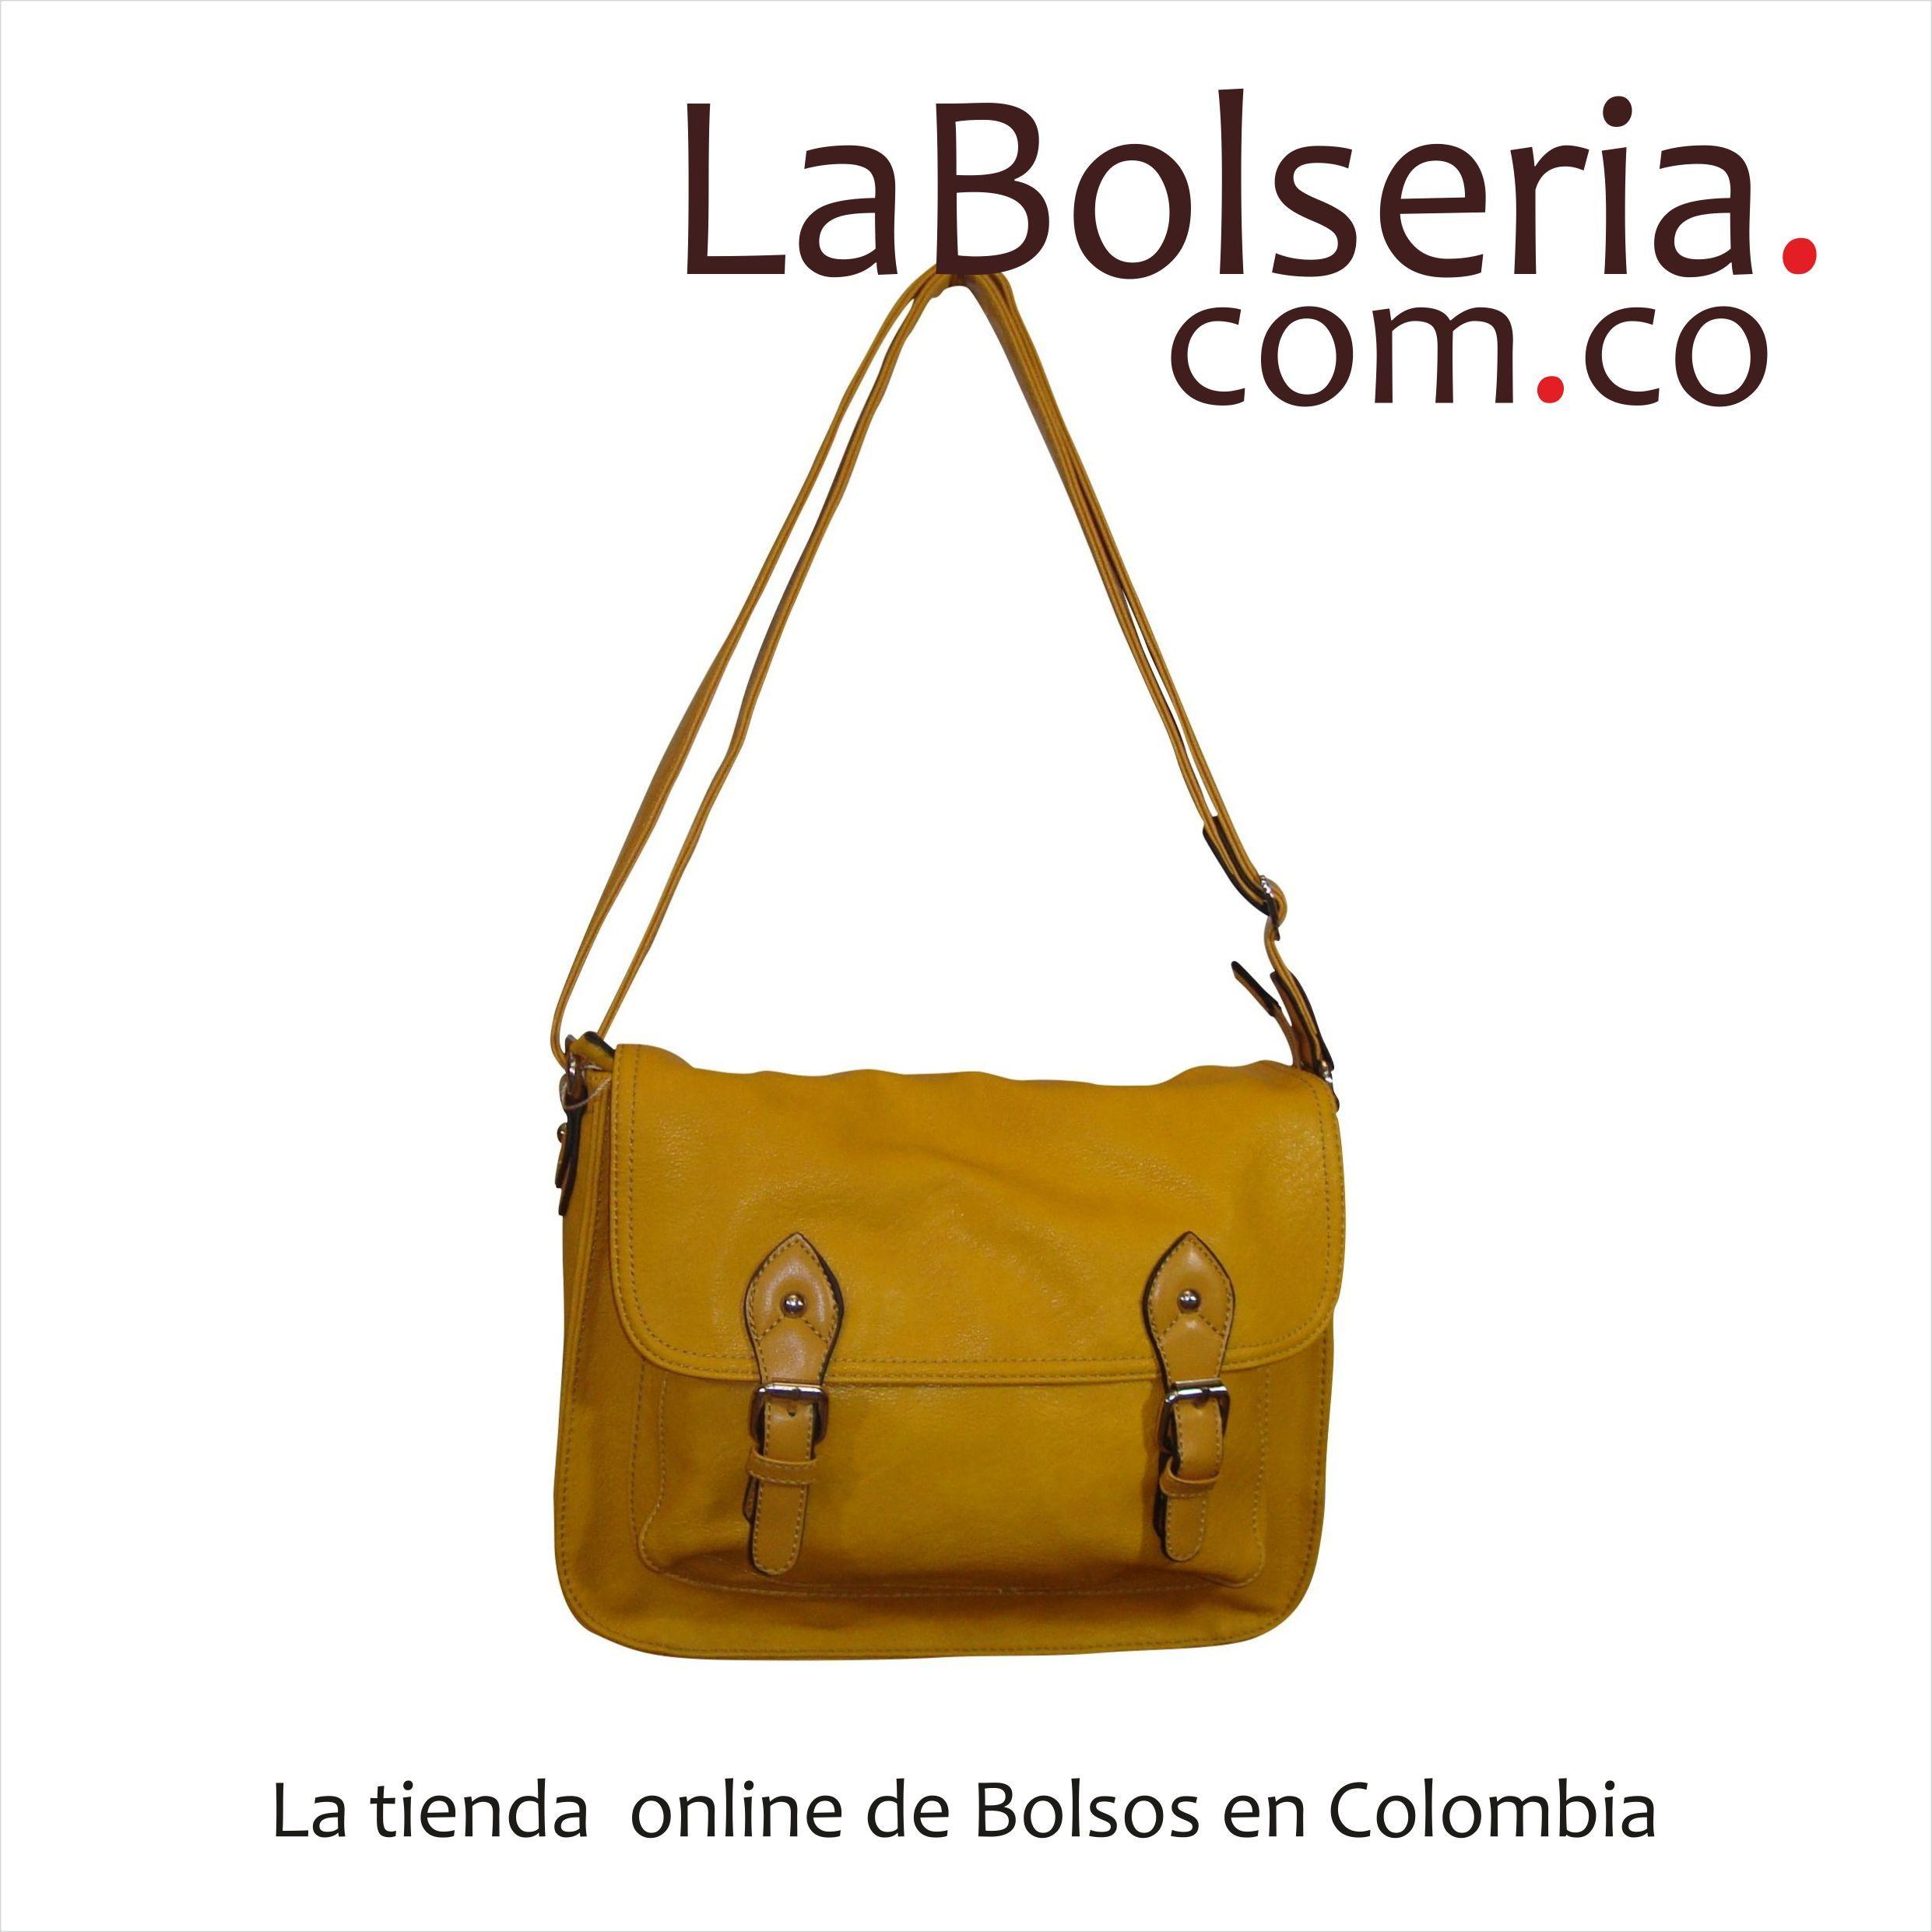 Cartera David Jones CM0388 Amarillo Elegante, Bonita y con acabados muy finos. Mira el precio aquí:   http://www.labolseria.com.co/bolsos/cartera-david-jones-cm0388-amarillo/